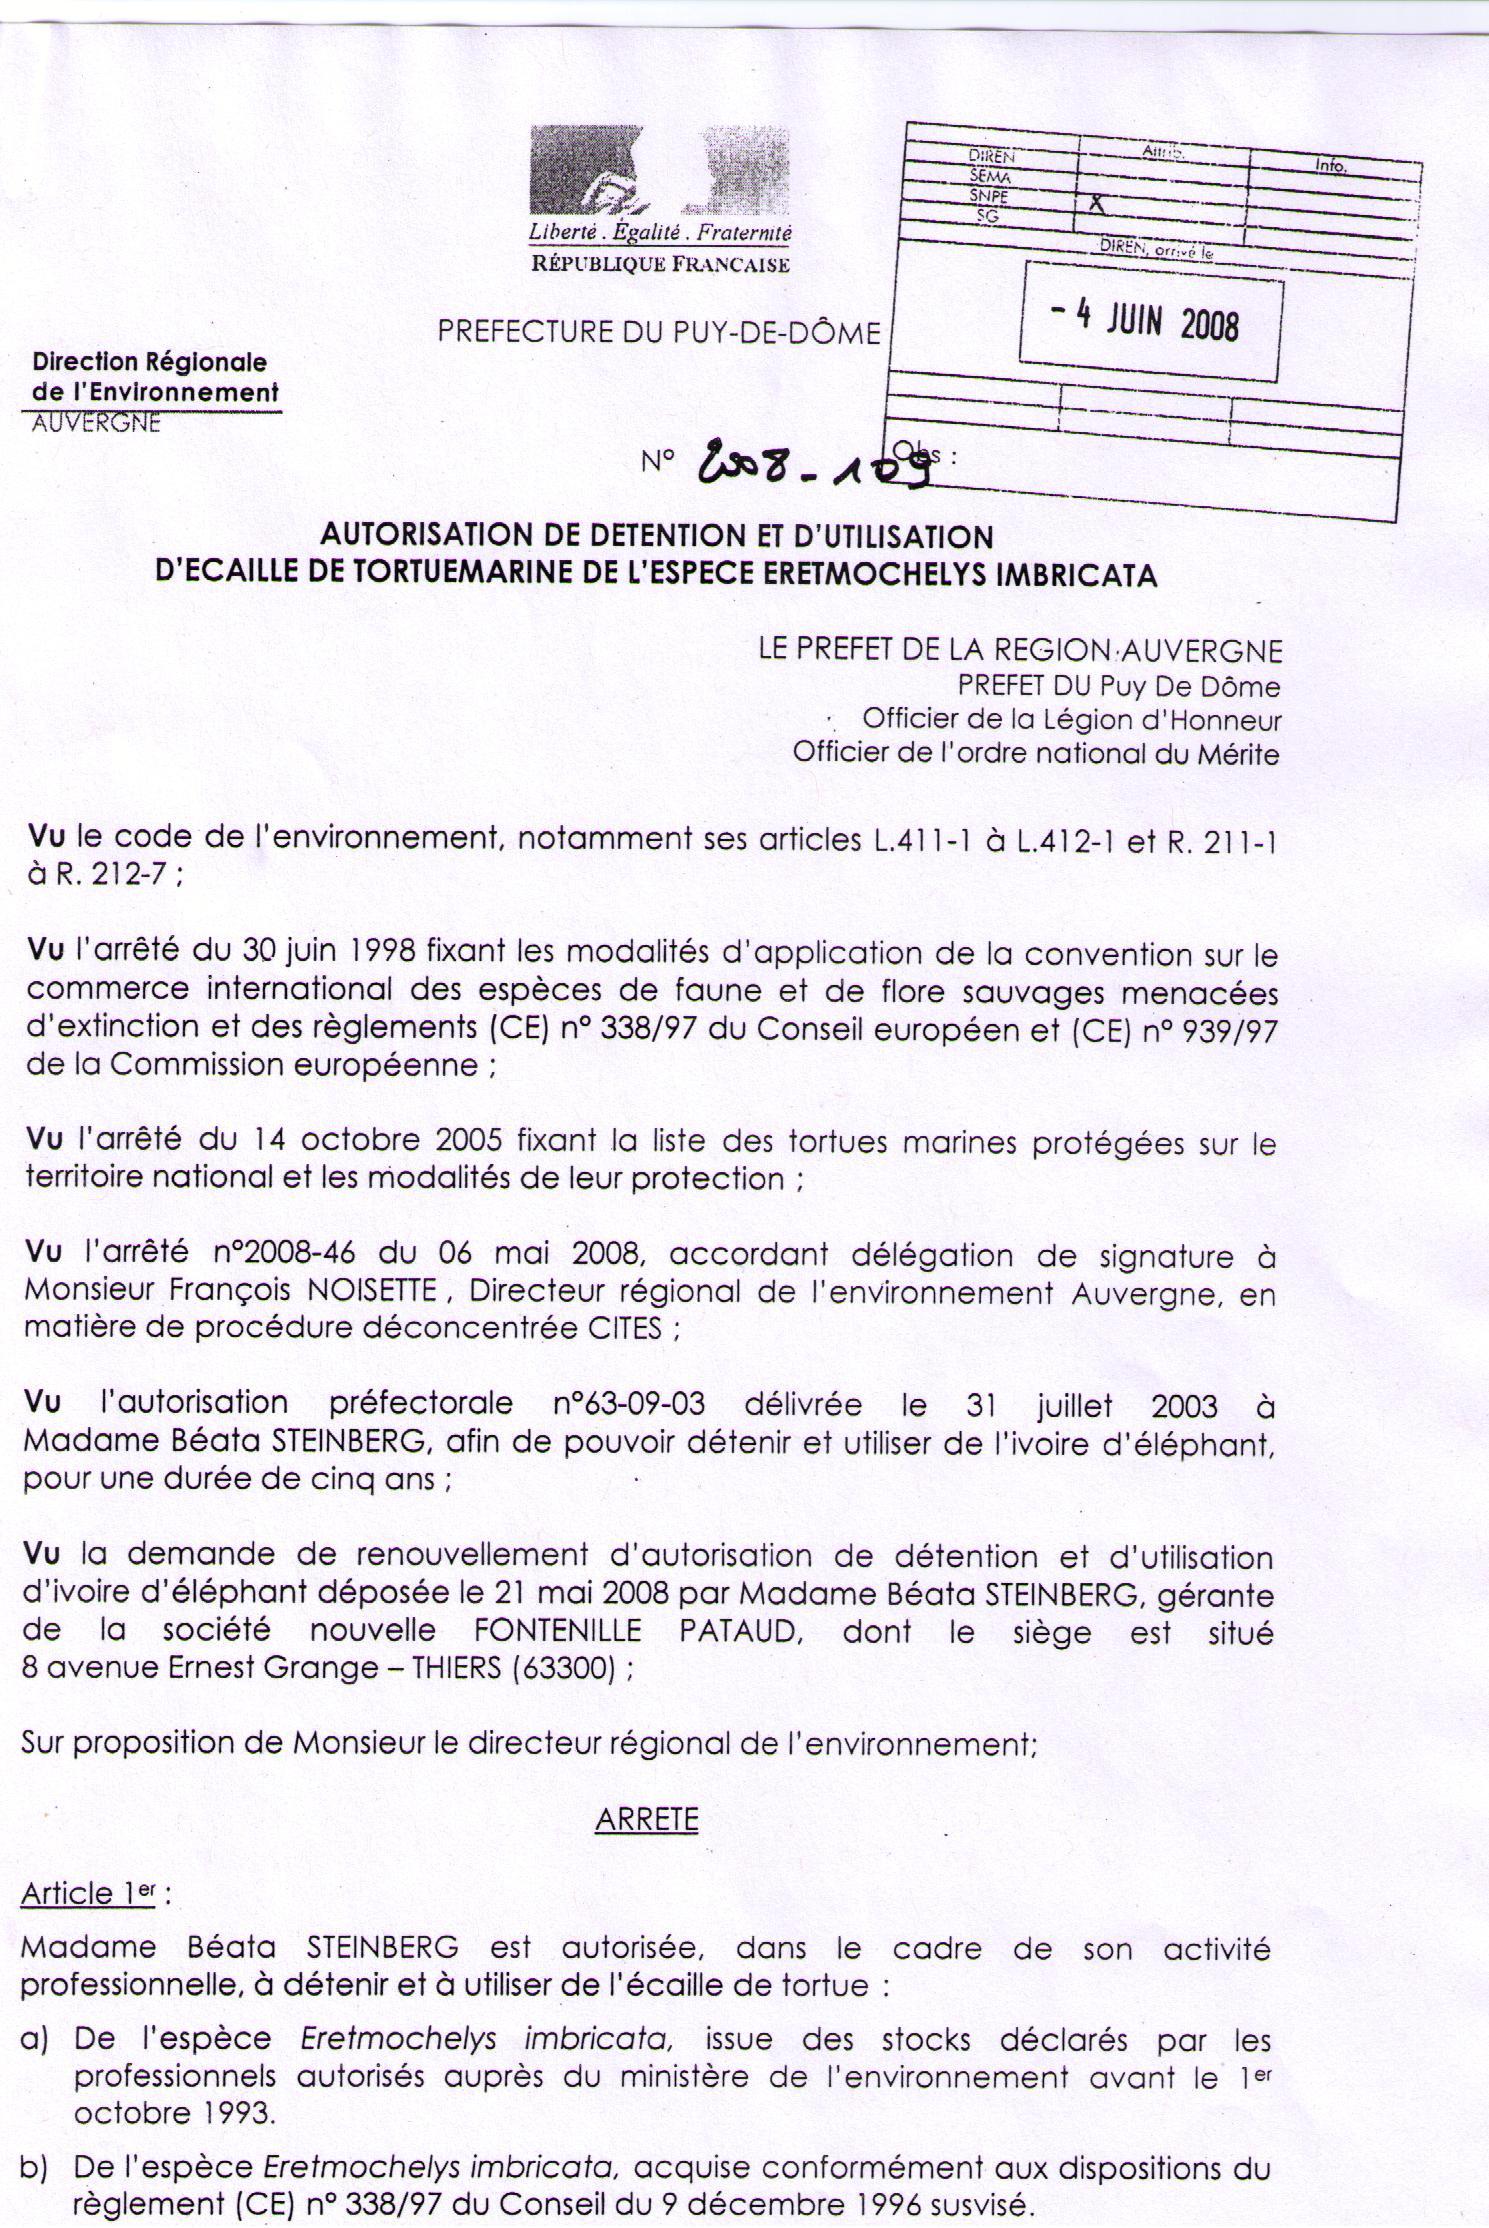 Autorisation couteaux écaille Fontenille Pataud